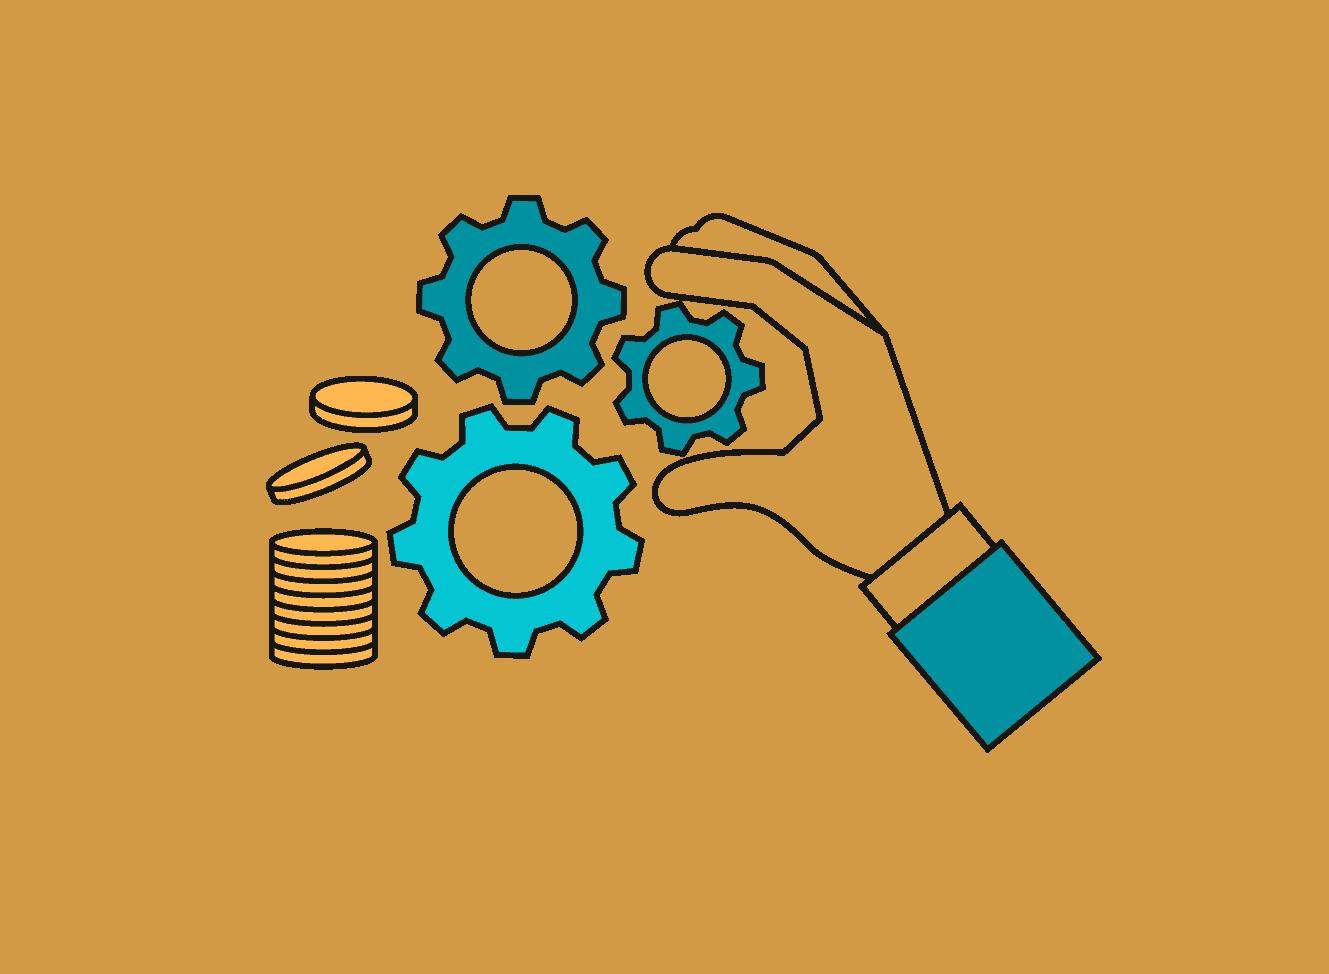 Centro-de-custos-e-categorias-gestao-financeira-locusprime_